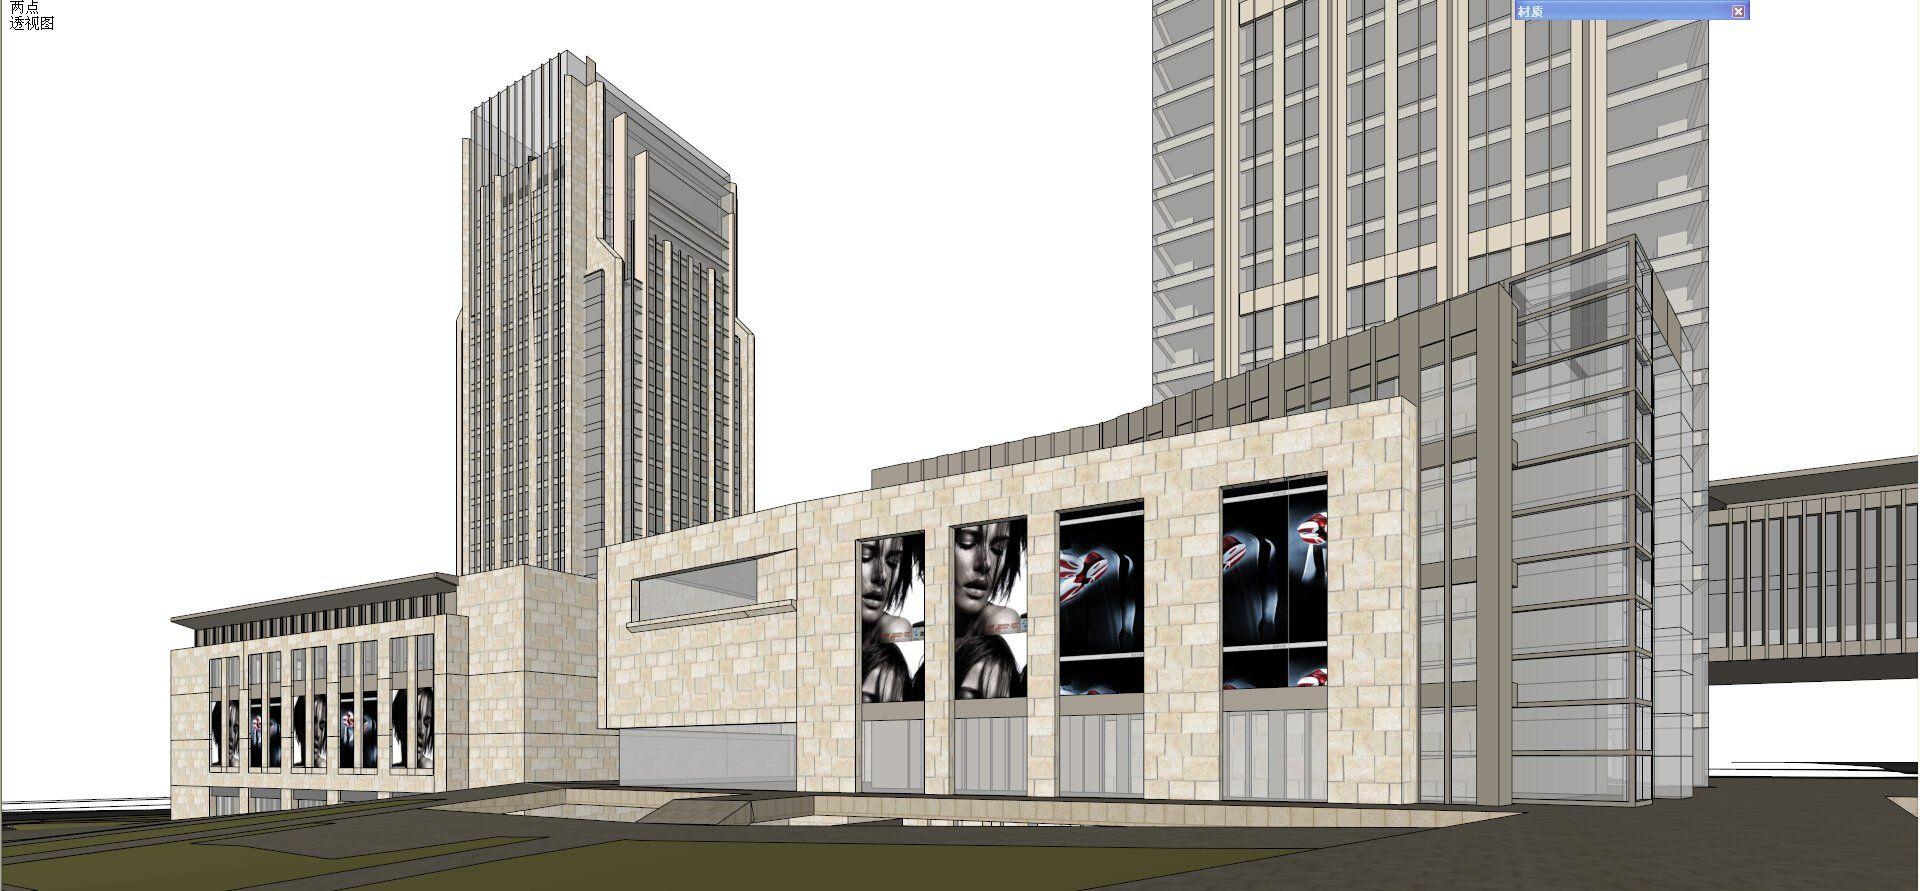 ☆Sketchup 3D Models-Skyscraper sketchup model | ☆Sketchup 3D